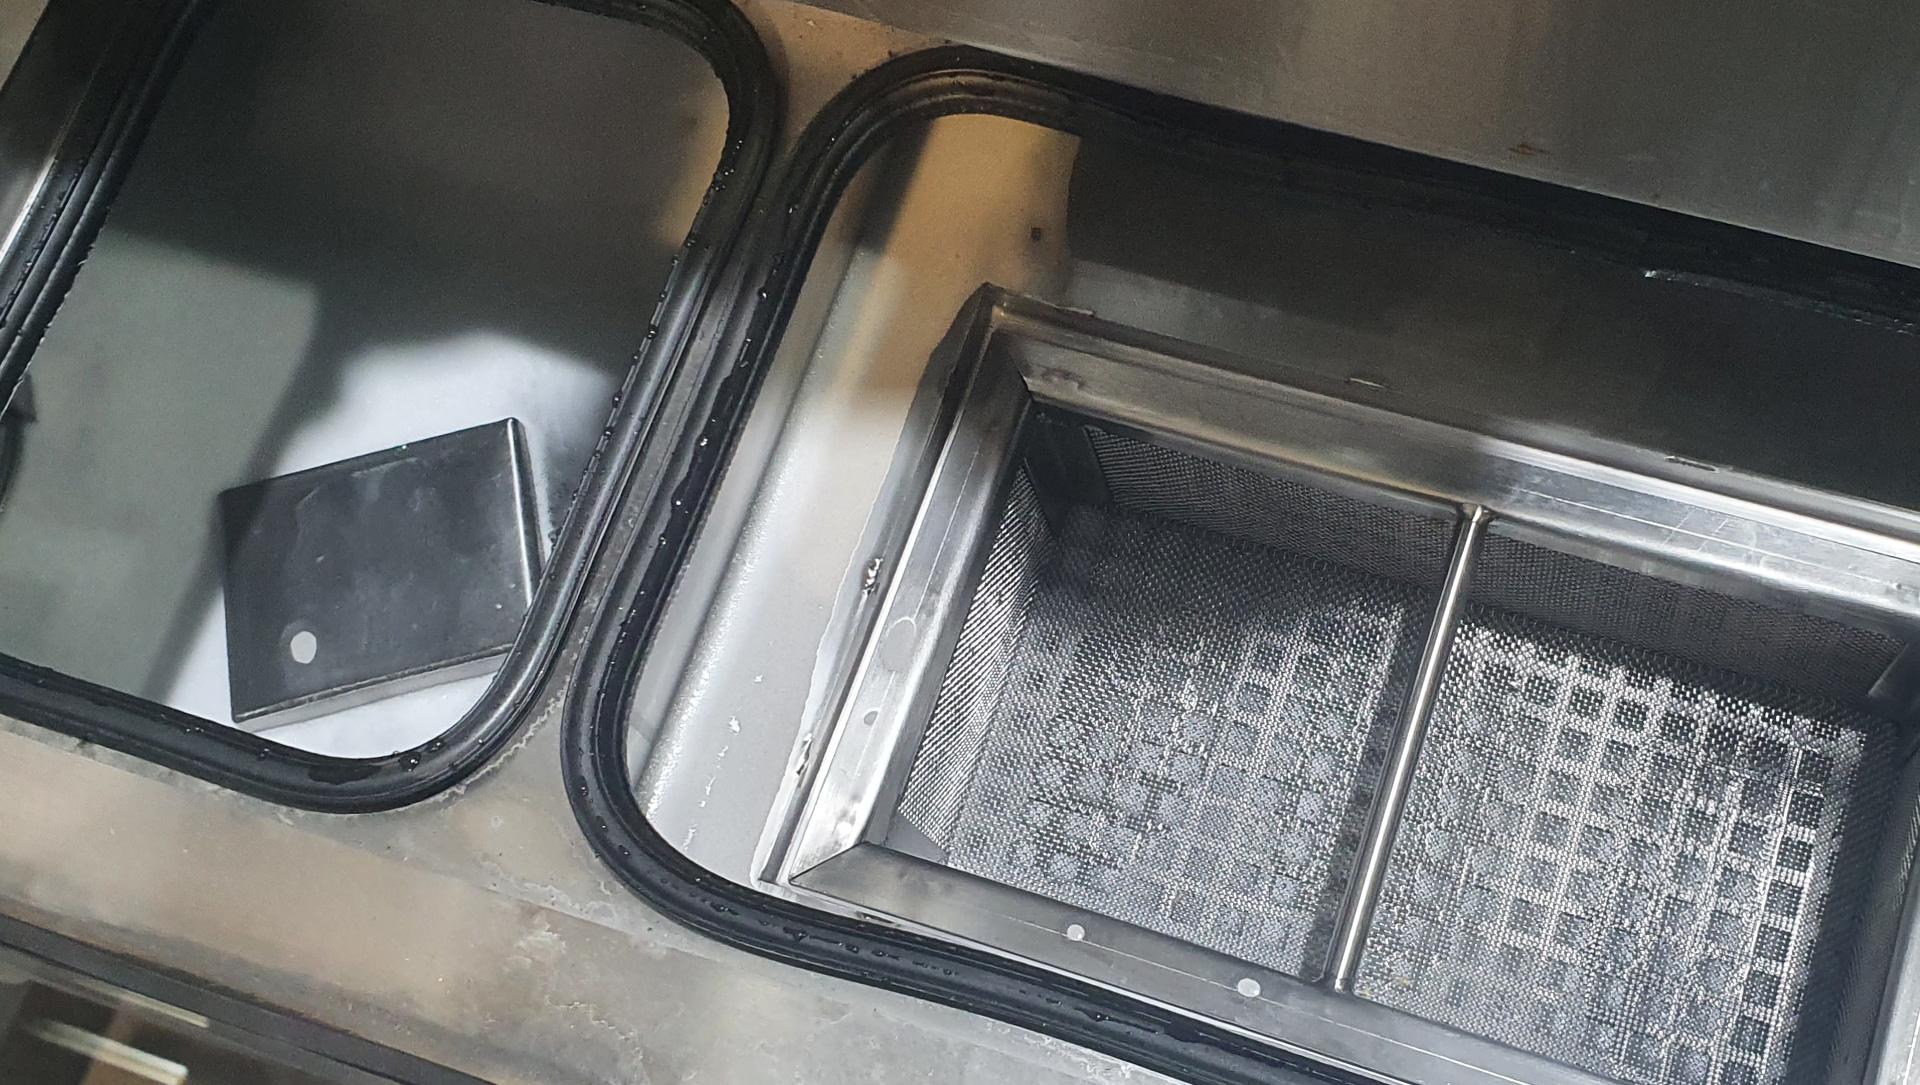 Odolejacz myjki tunelowej